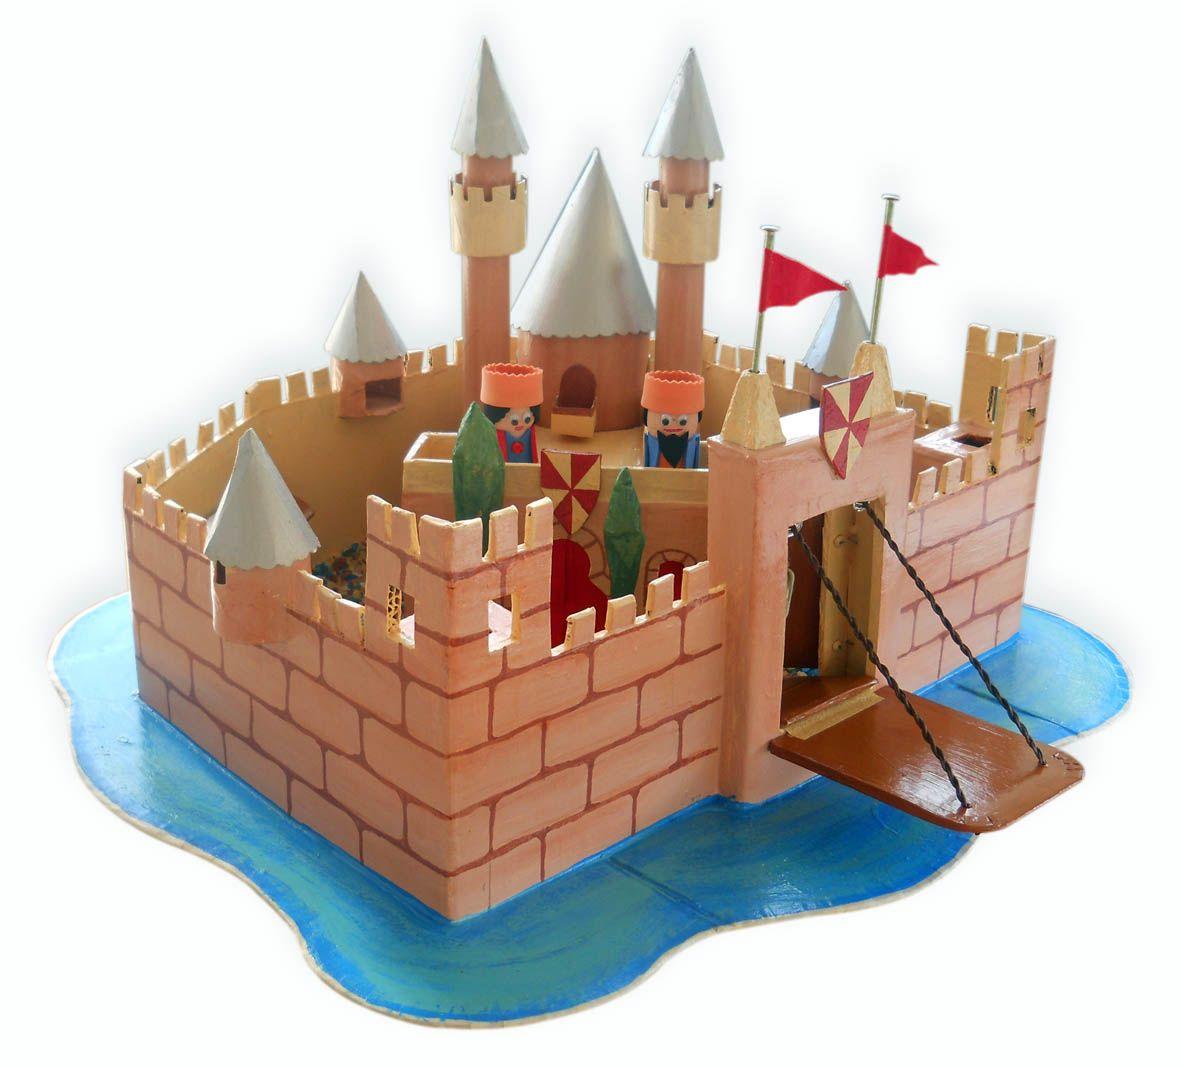 papelustro: Cardboard castle _ Castelo de cartão | Cardboard